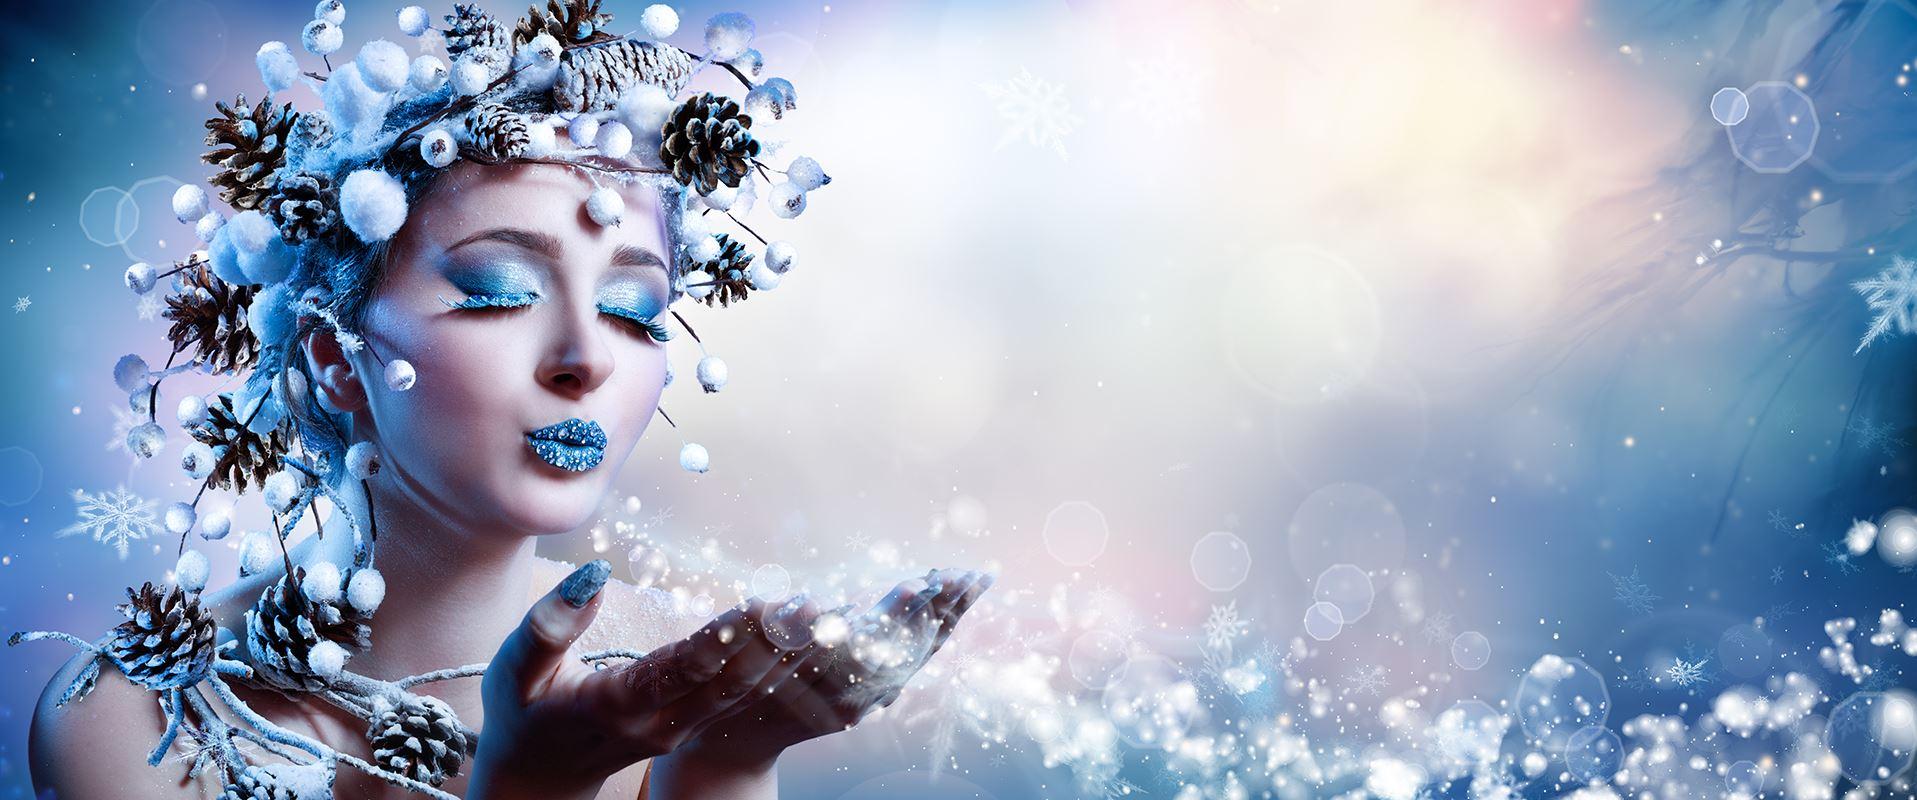 Ballerina-in-Snow-Globe-2019